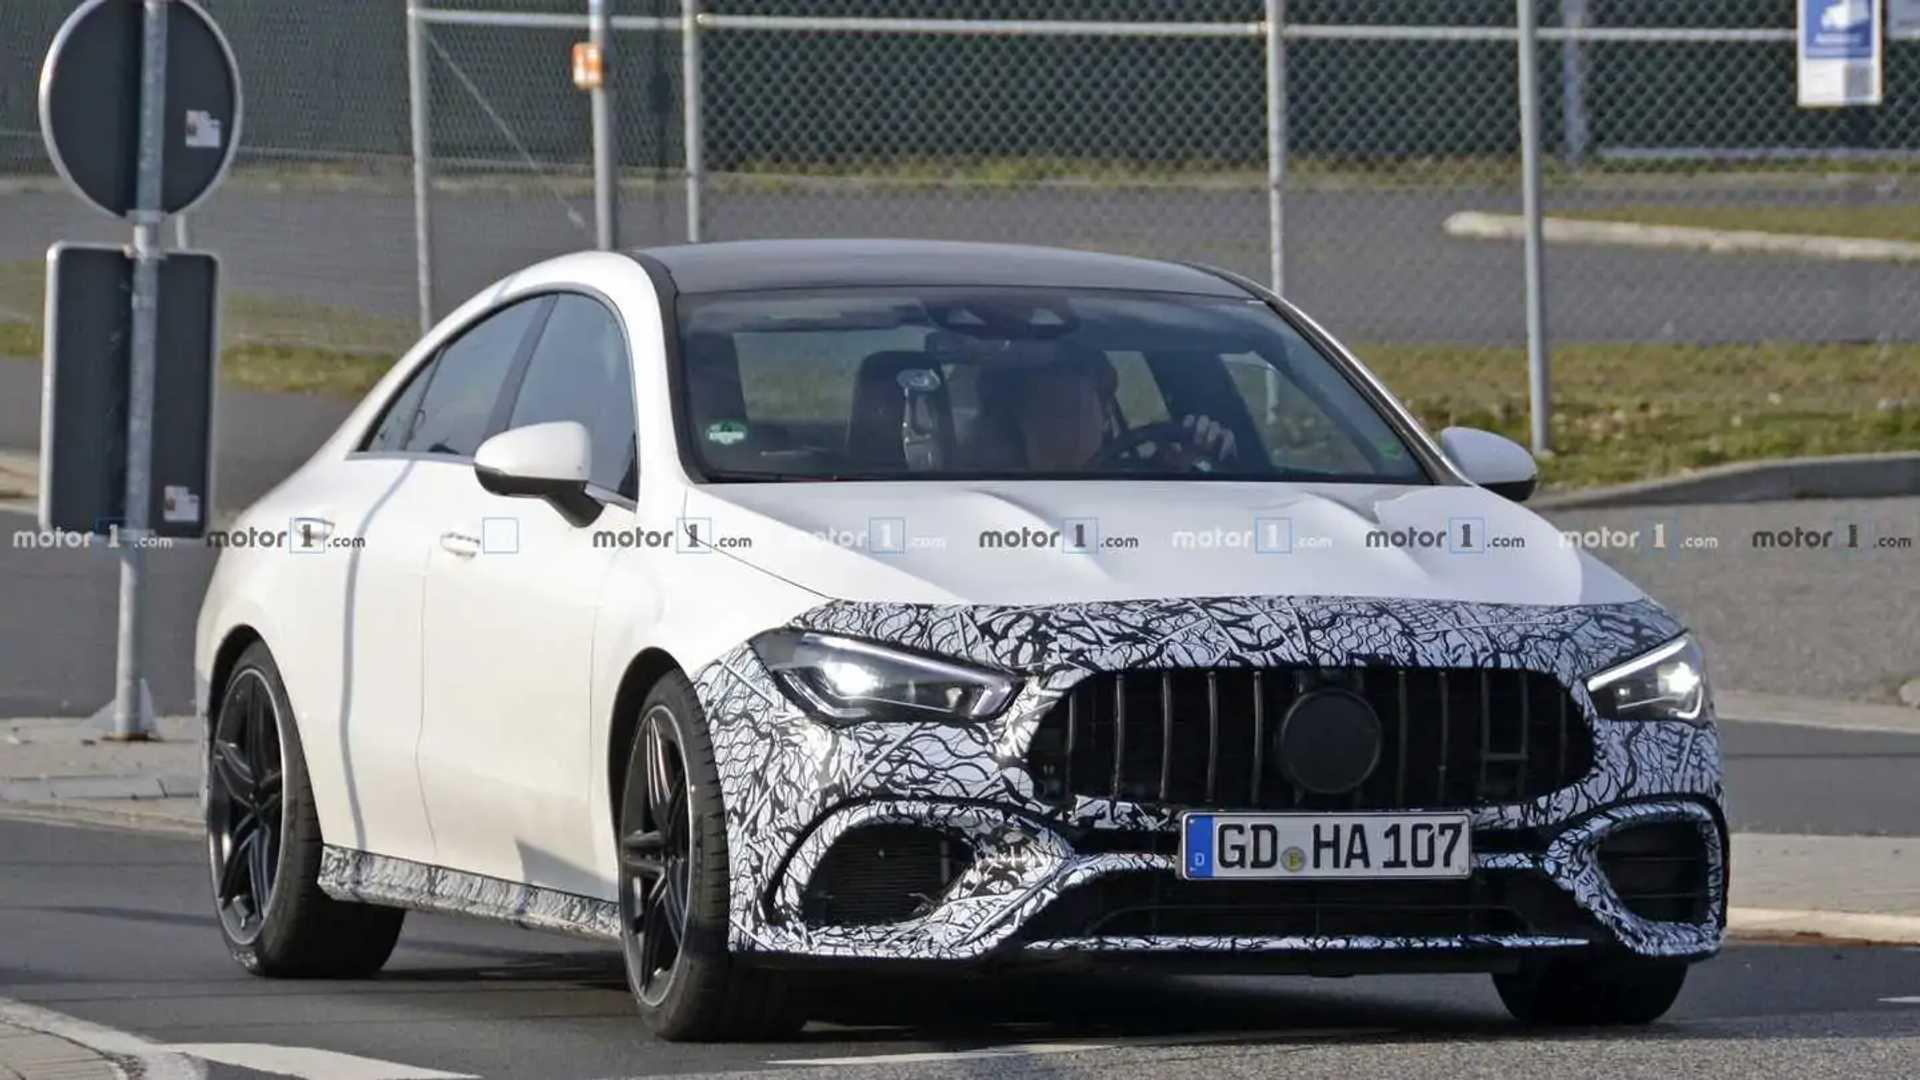 Mercedes-AMG CLA 45 começa a mostrar suas linhas Mercedes-amg-cla-45-spy-photo